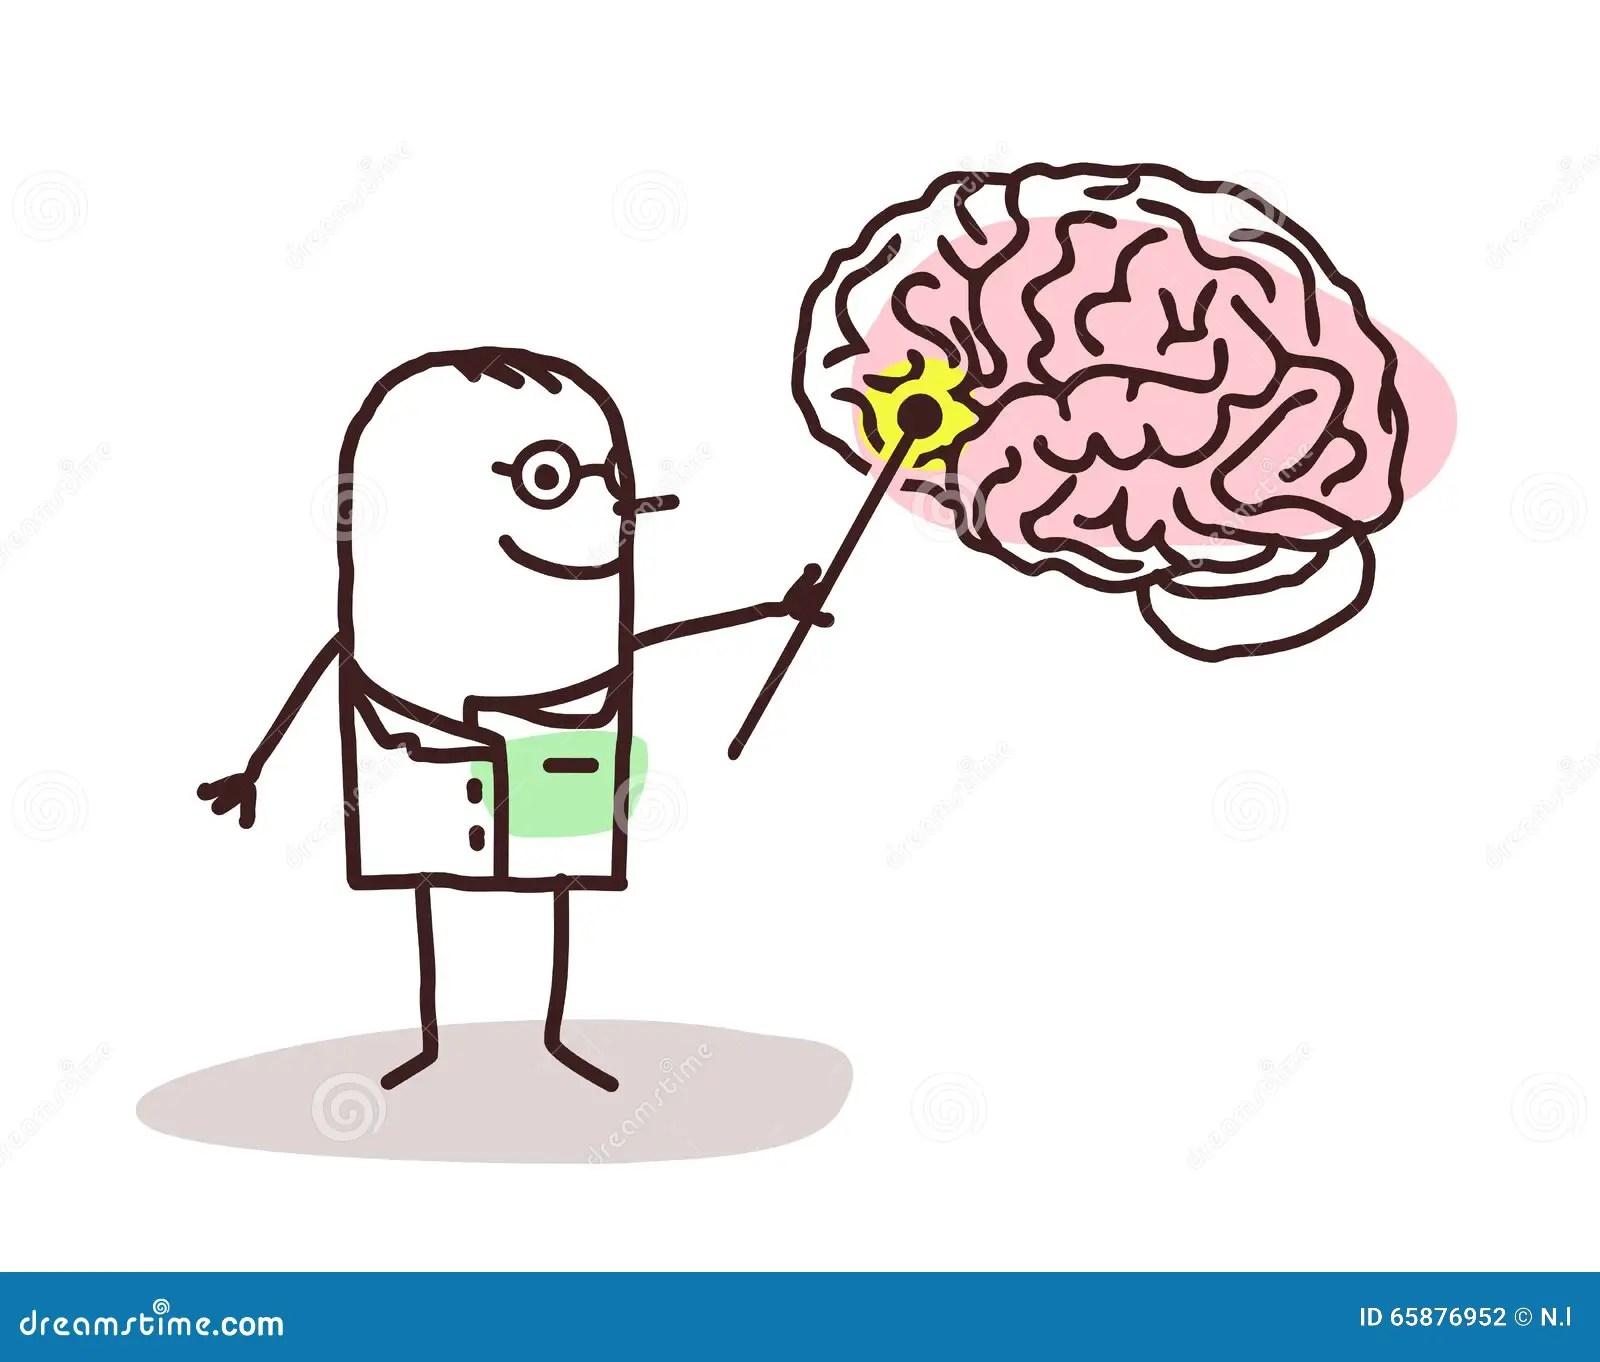 Cartoon Neurologist With Brain Stock Vector